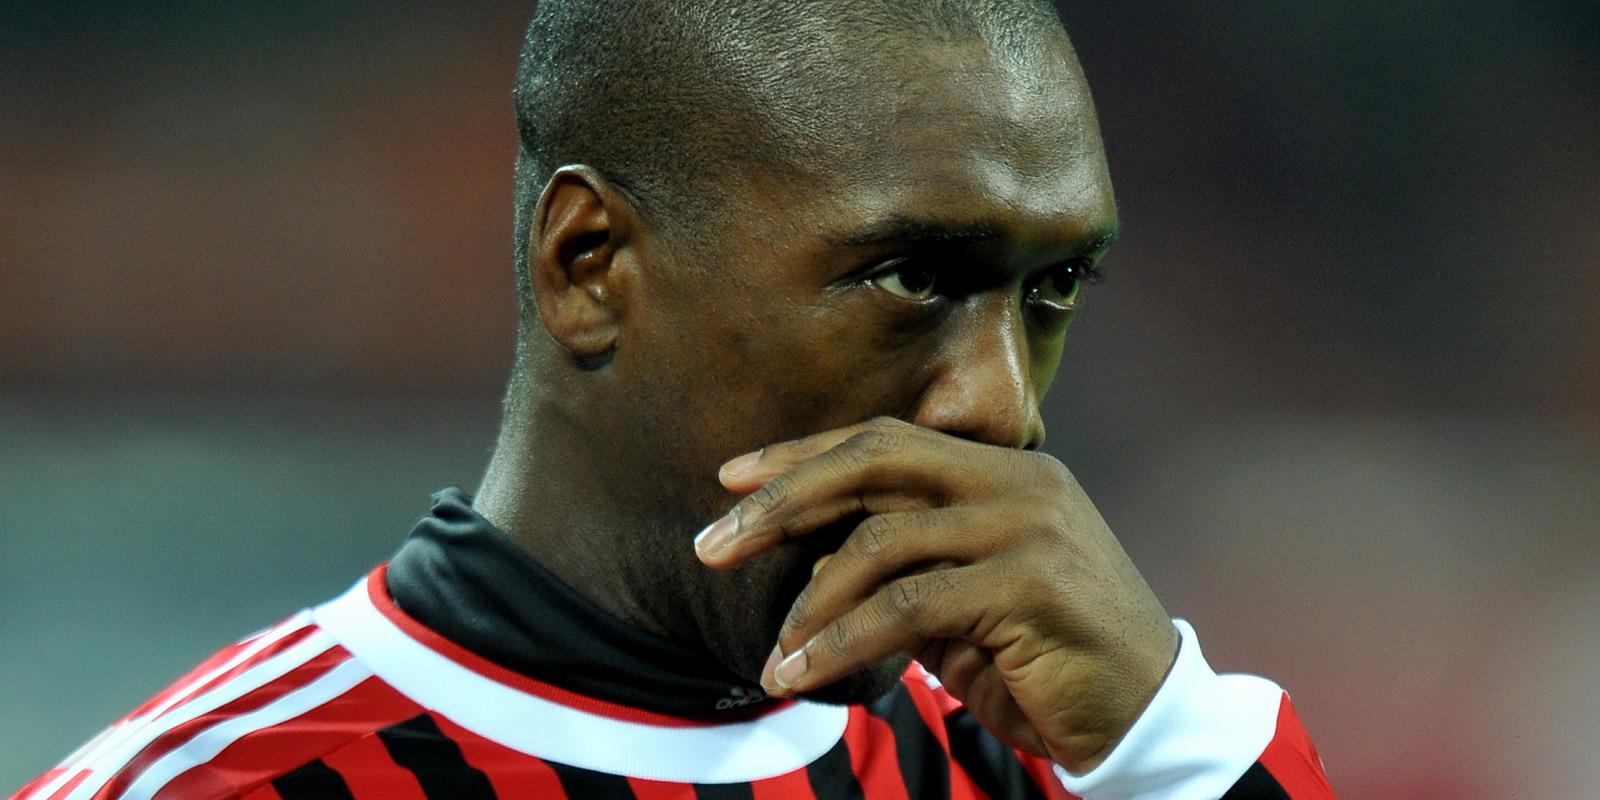 VI: Milan gaat definitief voor duo Seedorf-Stam